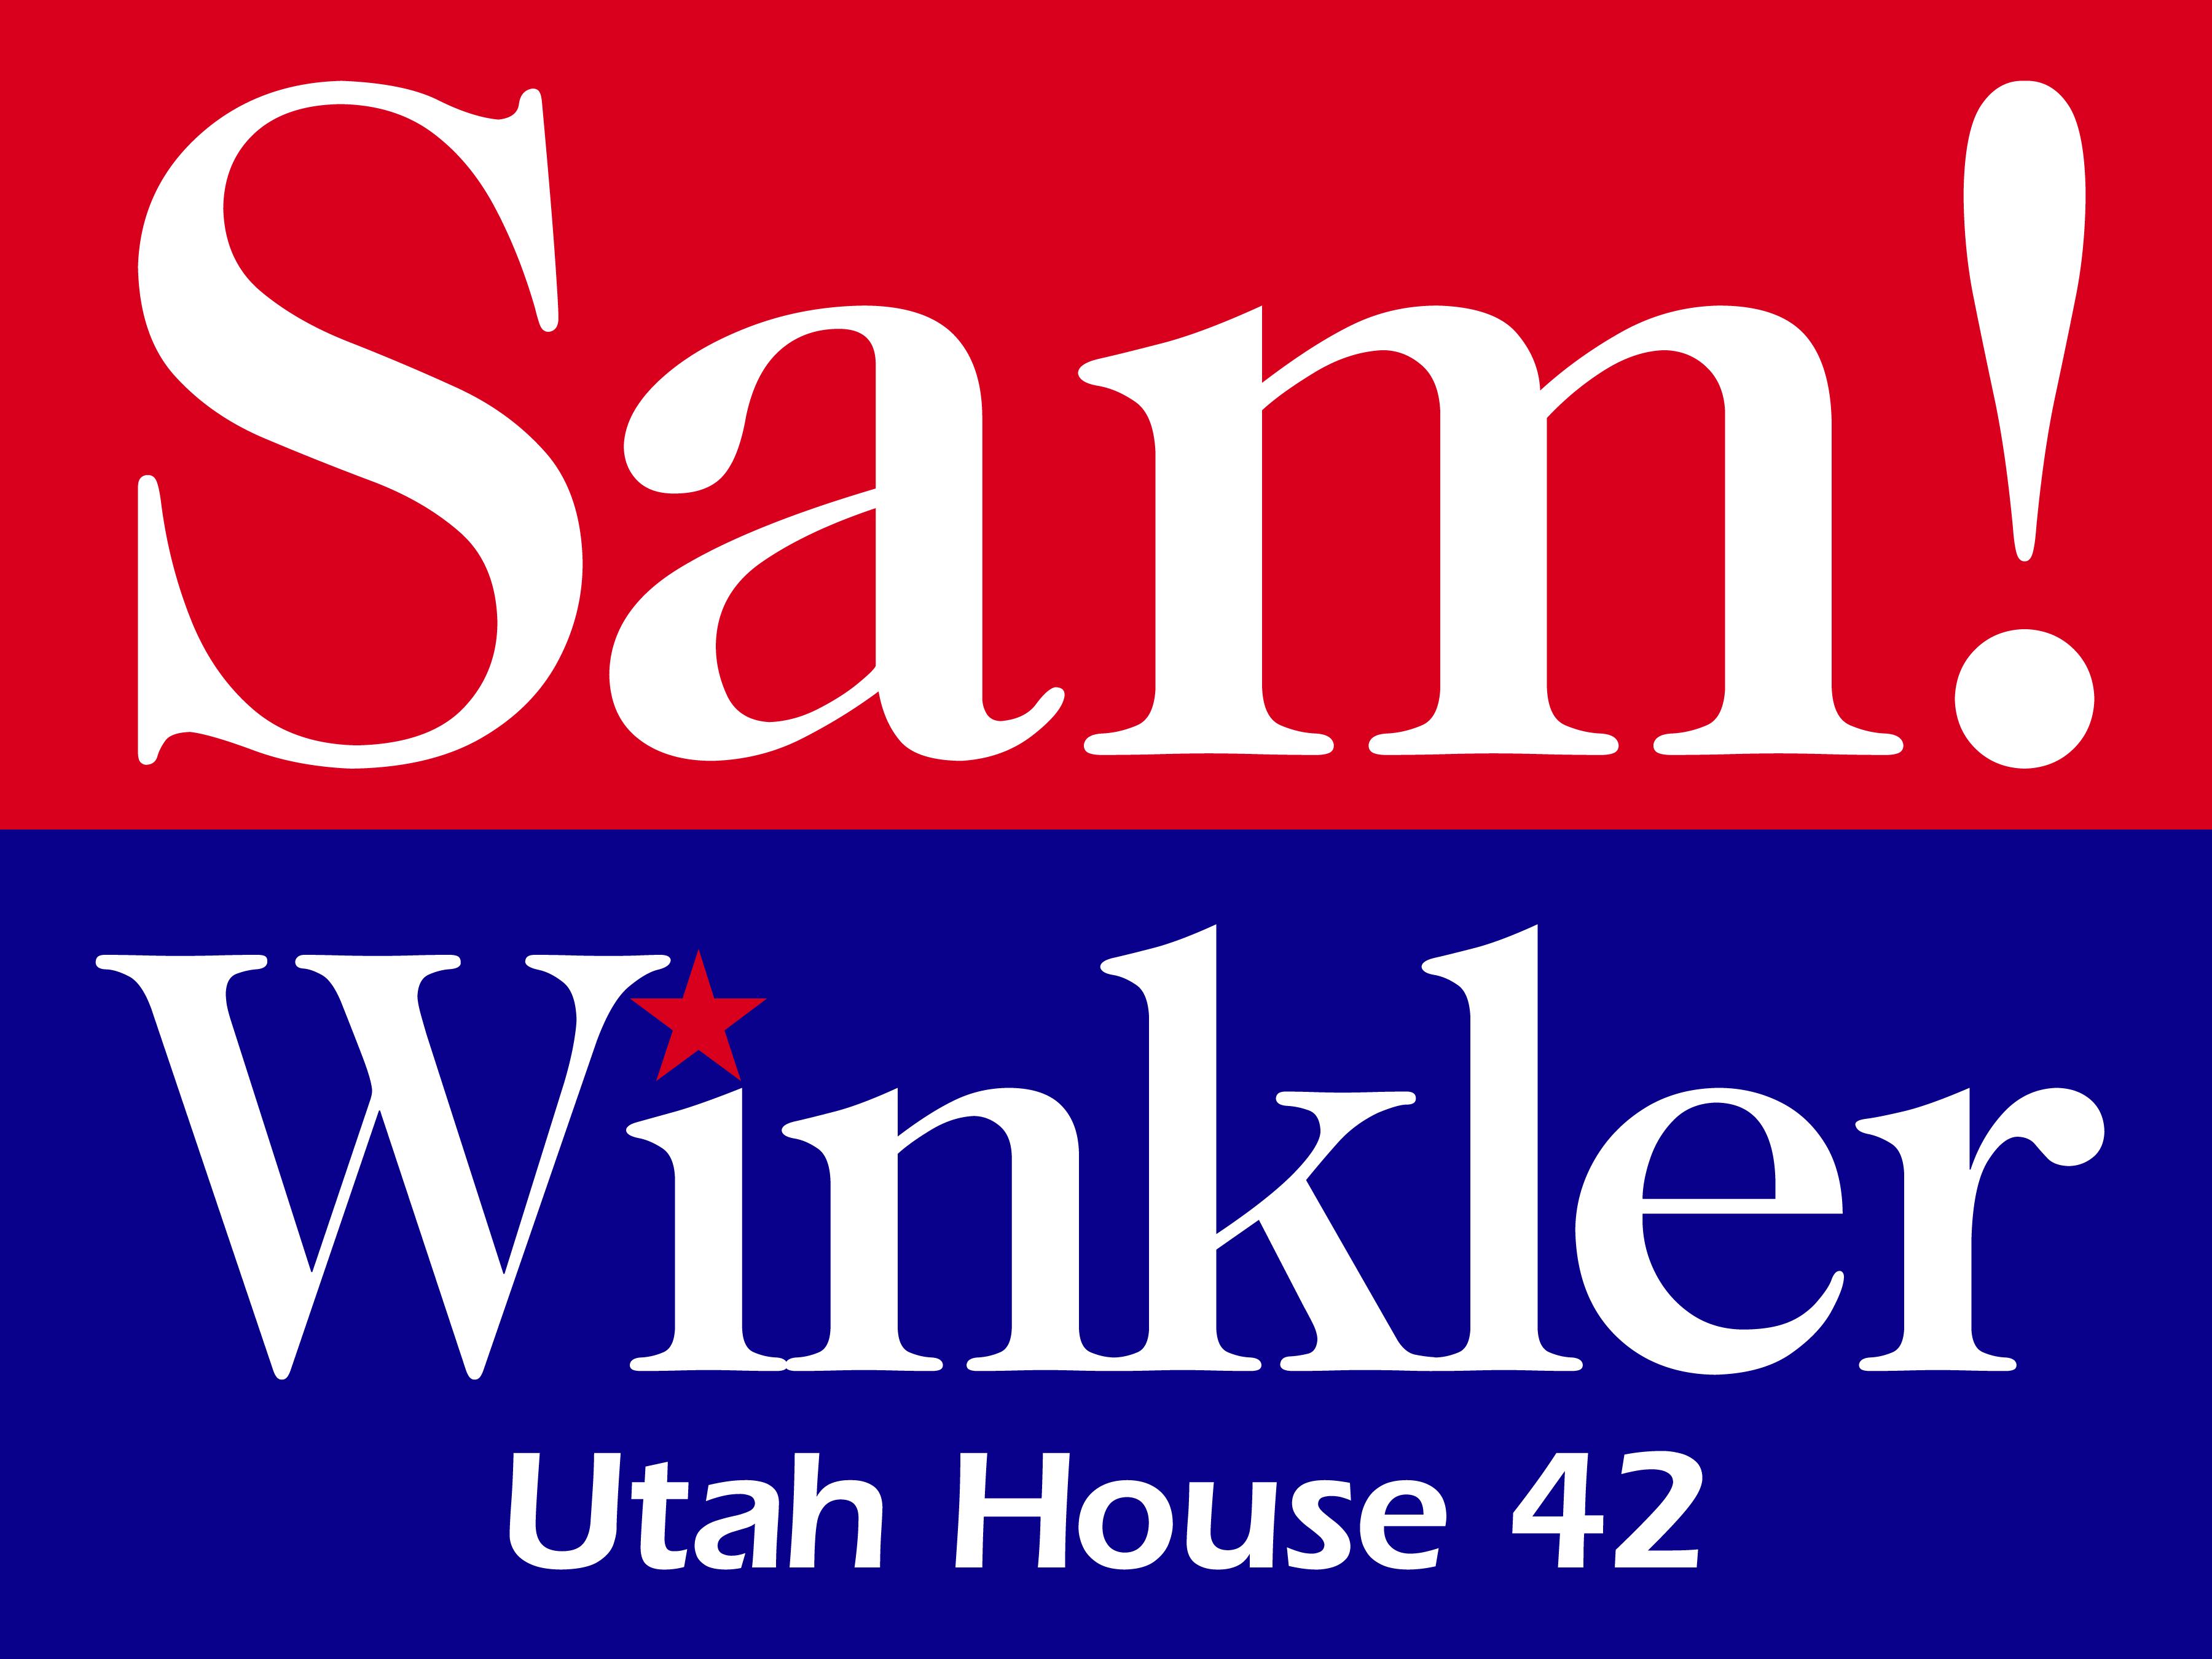 Samuel Winkler